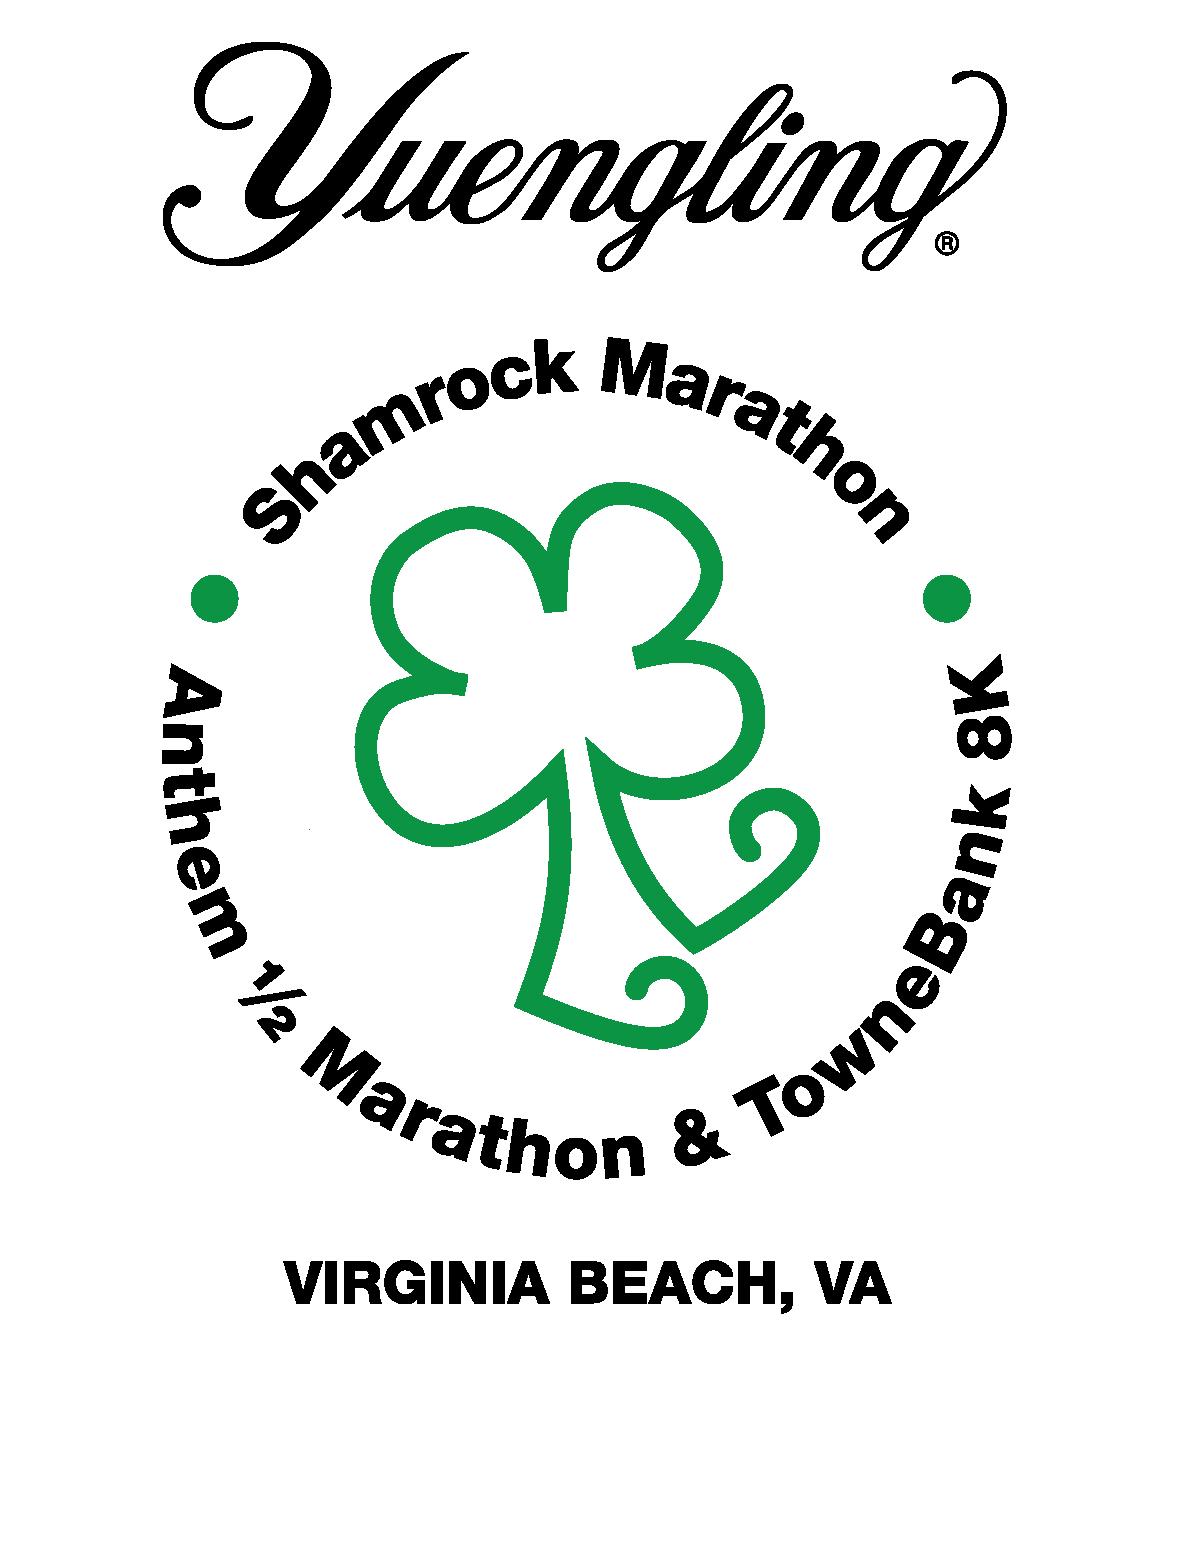 Yuengling Shamrock Marathon Weekend Logo